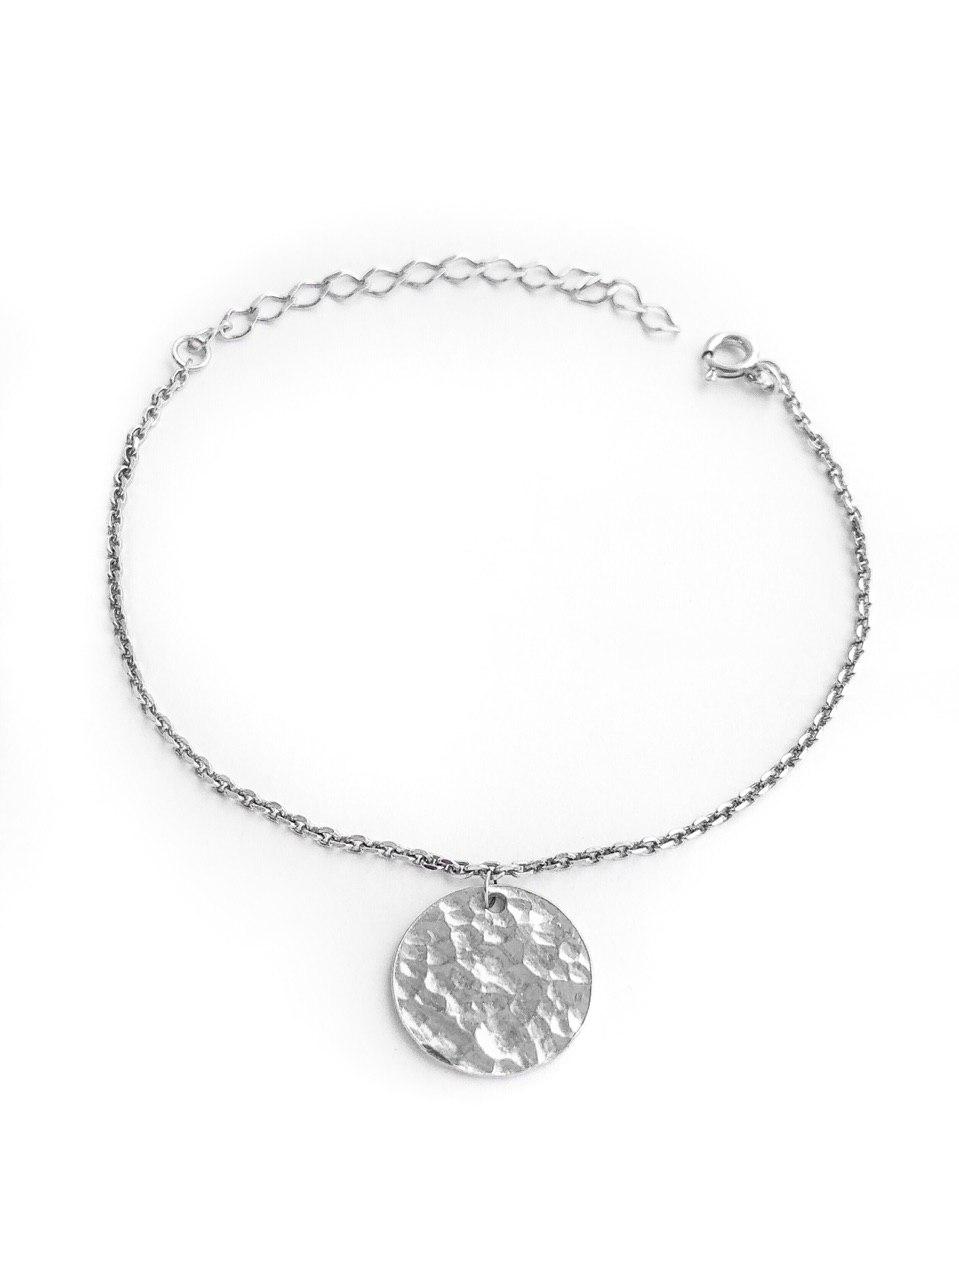 Серебряный браслет с битым медальоном на колечке